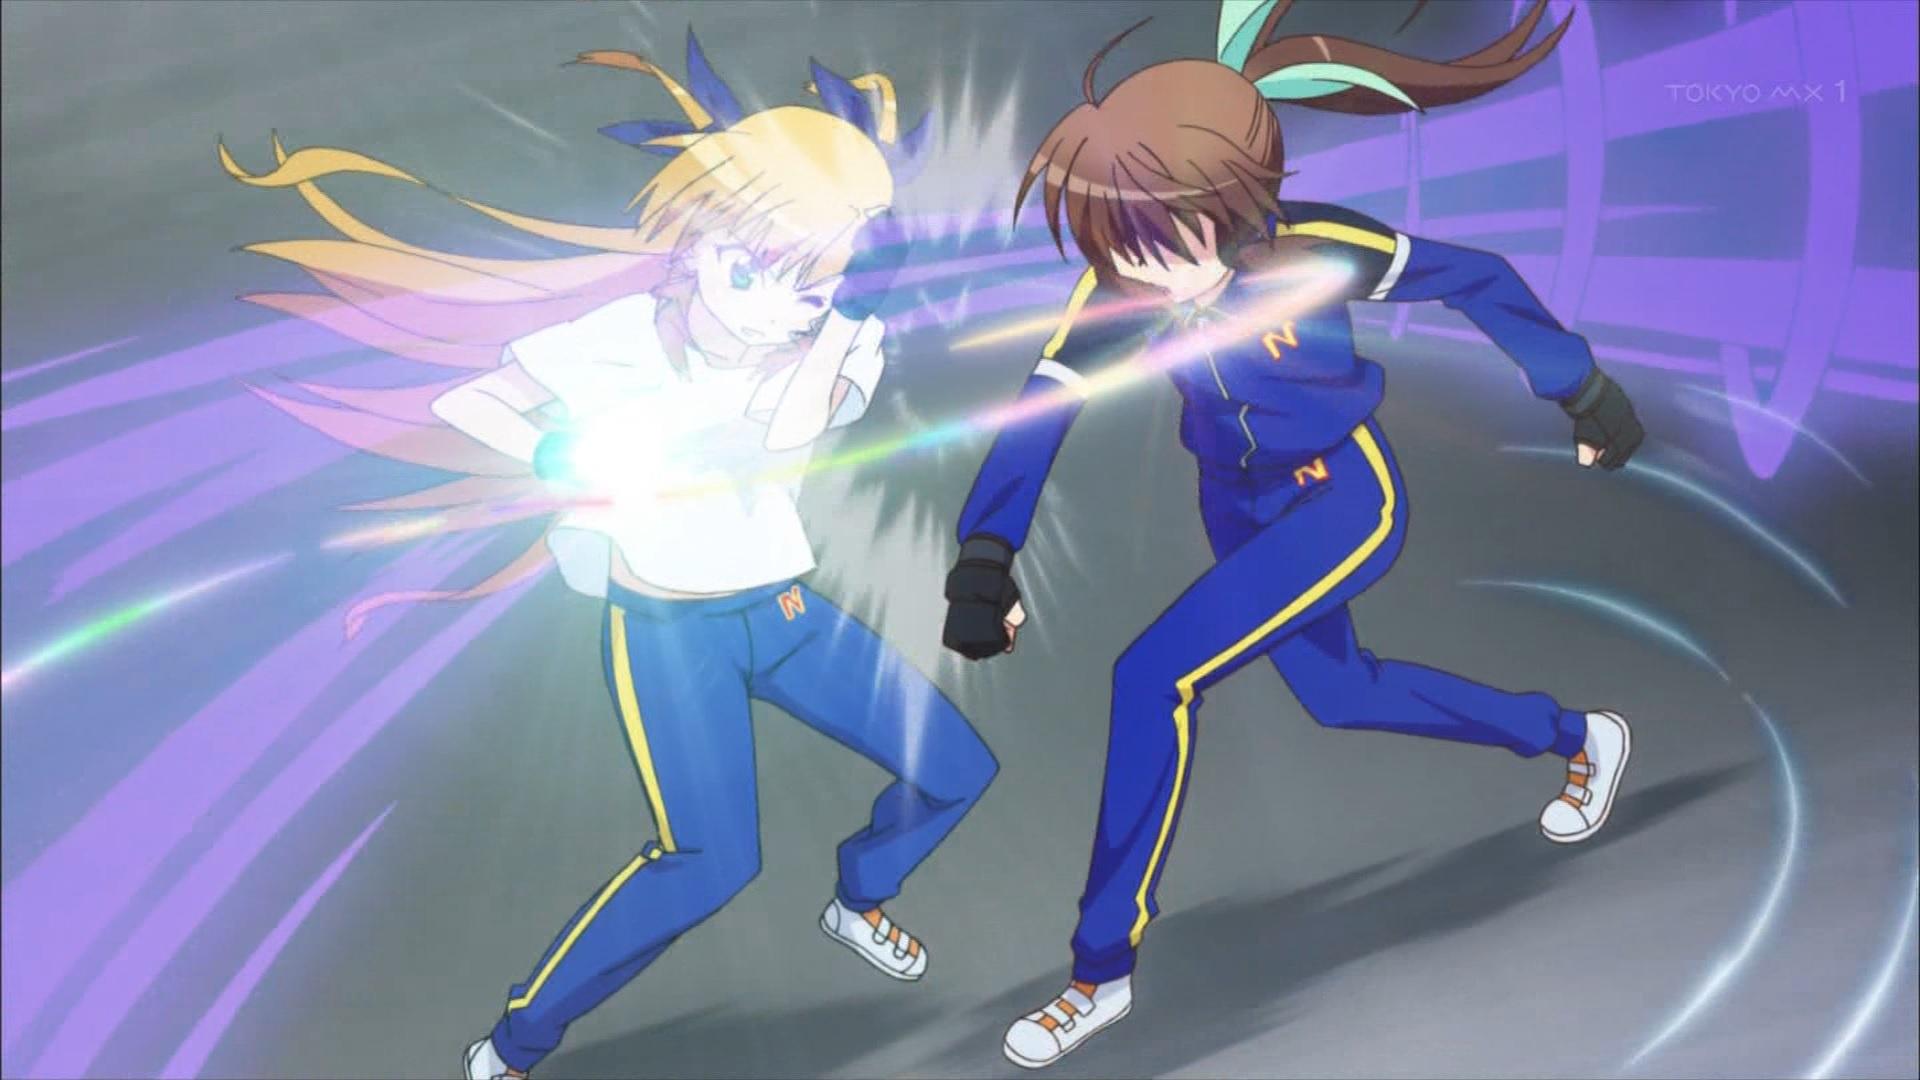 ヴィヴィオに覇王断空拳を撃つフーカ